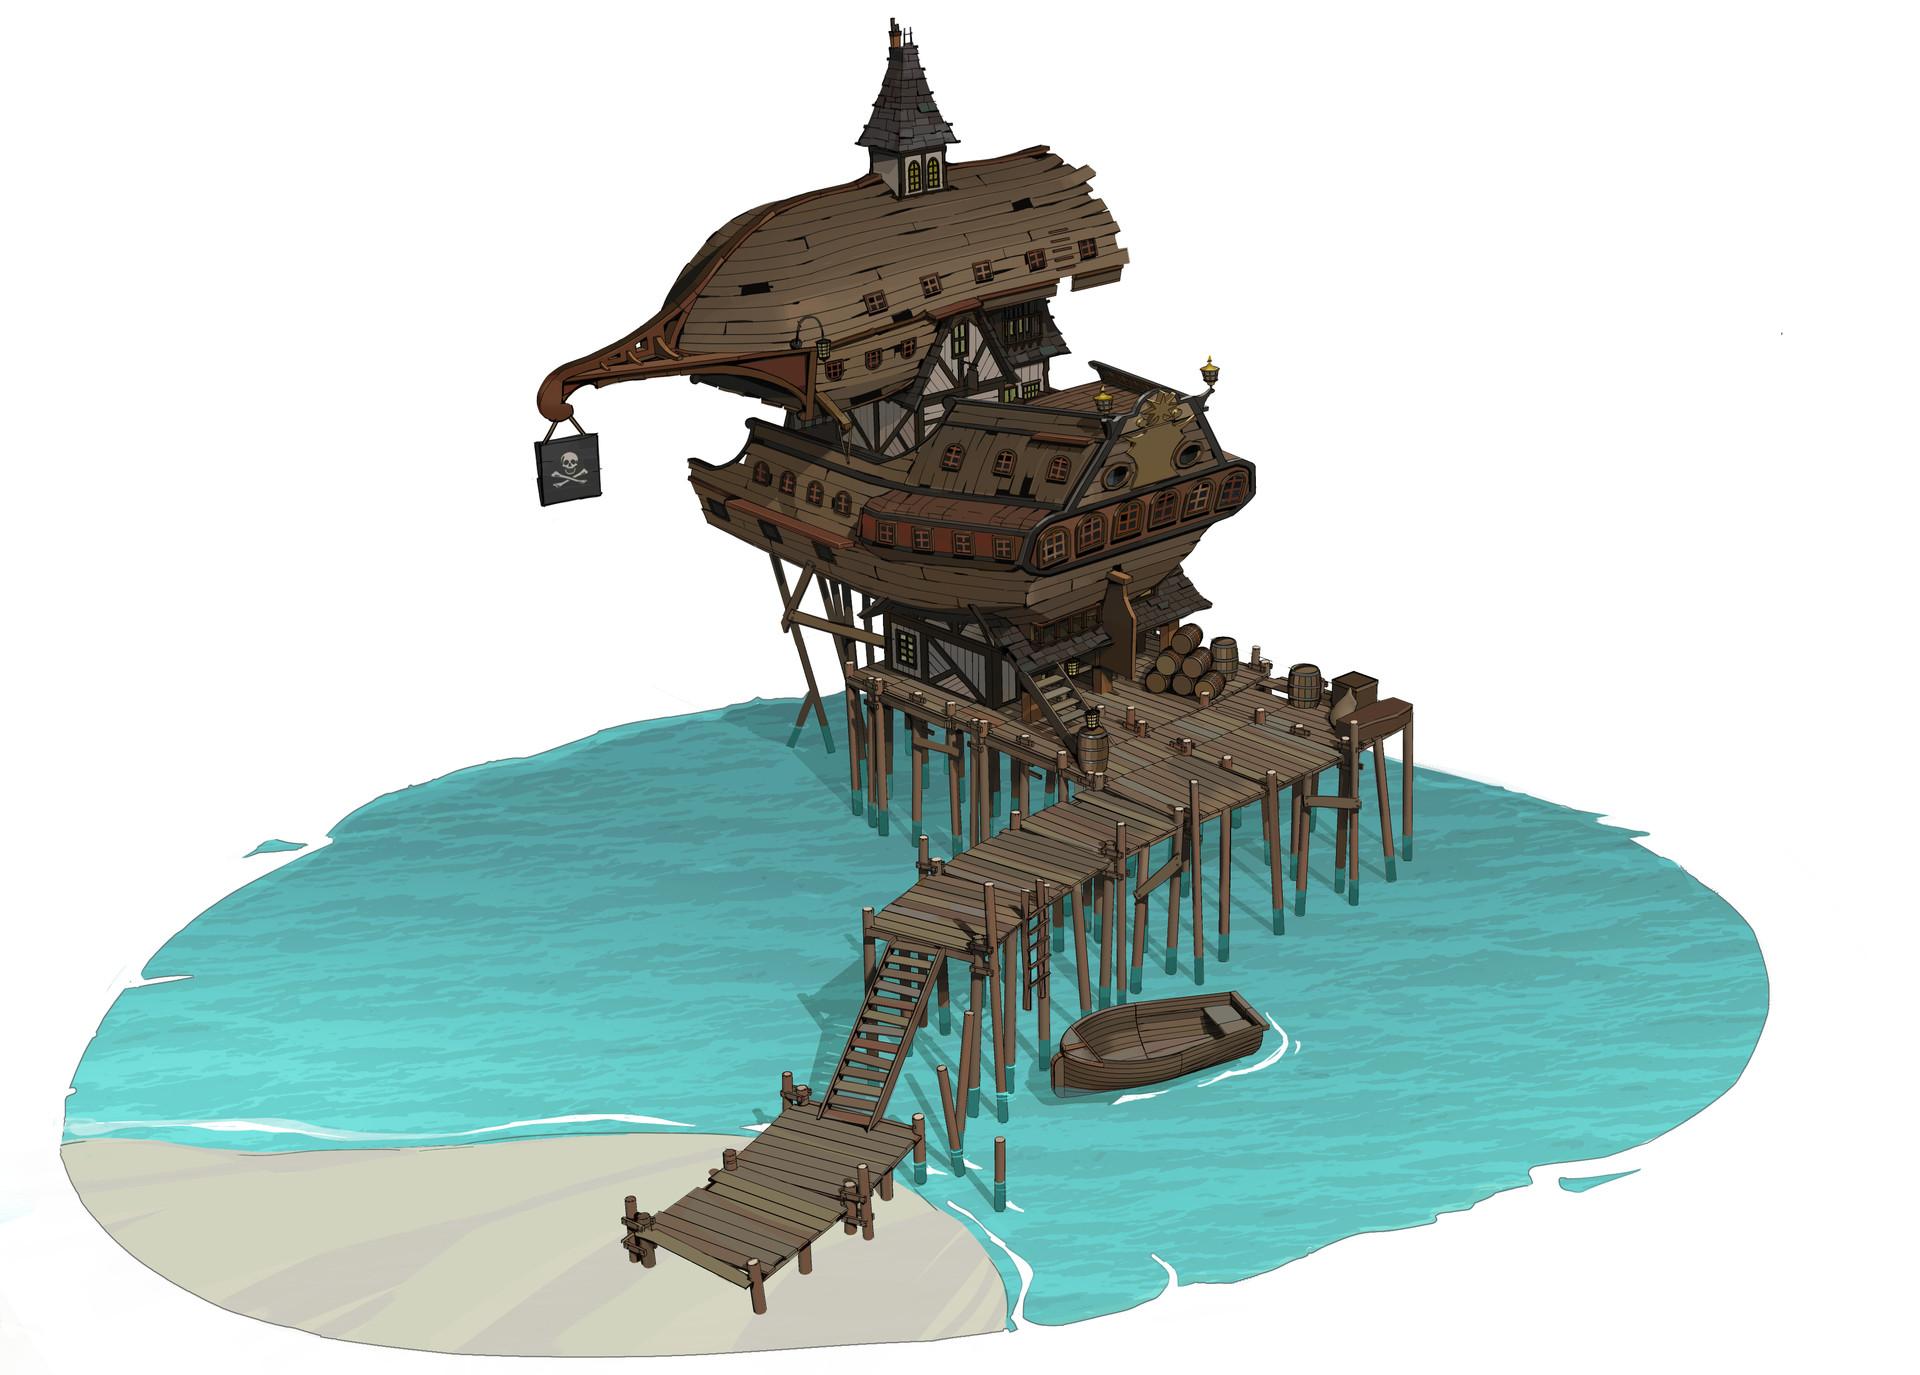 ArtStation - Pirate Architecture Designs, Brian Matyas